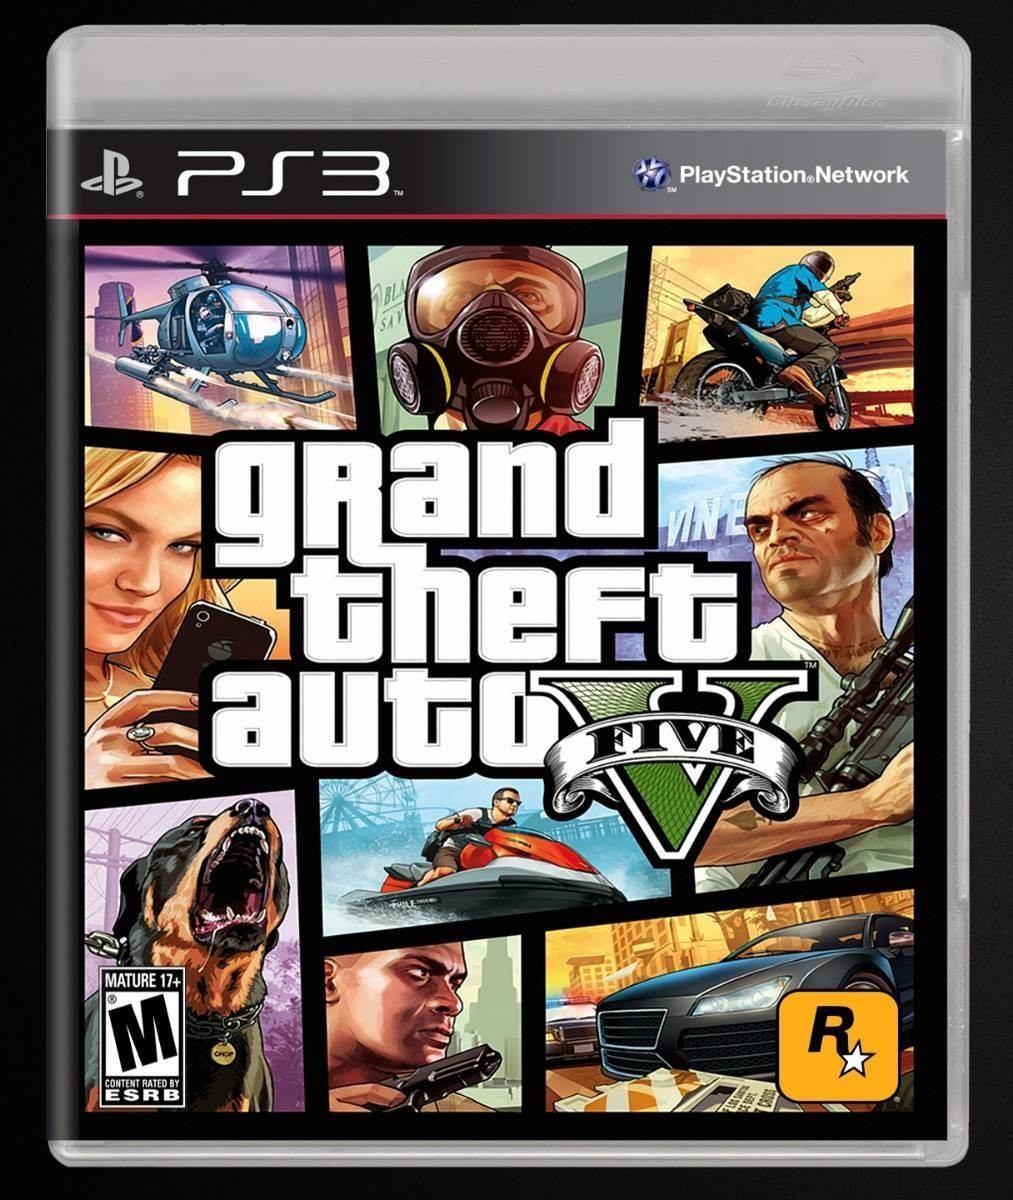 Gta 5 Grand Theft Auto V Juego Ps3 114 95 En Mercado Libre